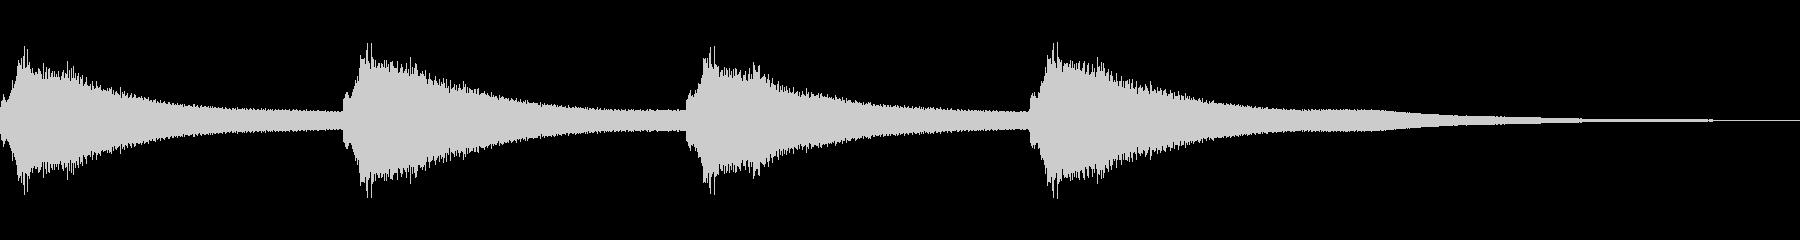 カーンカーンと鐘をつく効果音の未再生の波形